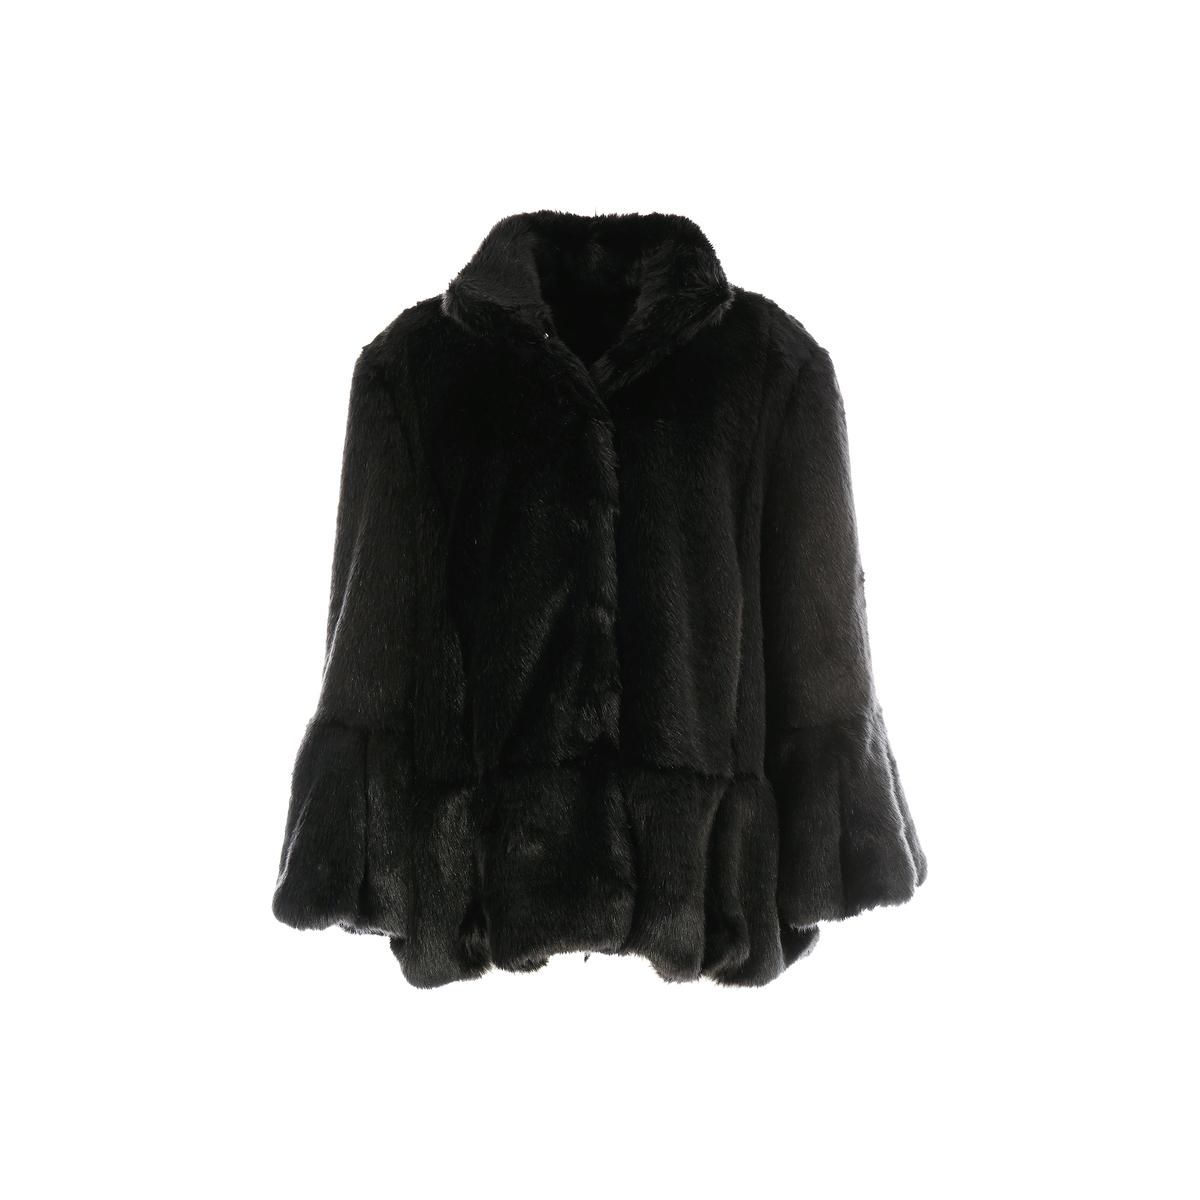 Пальто средней длины, зимняя модельДетали •  Длина  : средняя  •  Воротник-стойка •  Застежка на кнопки Состав и уход •  100% акрил  •  Следуйте советам по уходу, указанным на этикетке<br><br>Цвет: черный